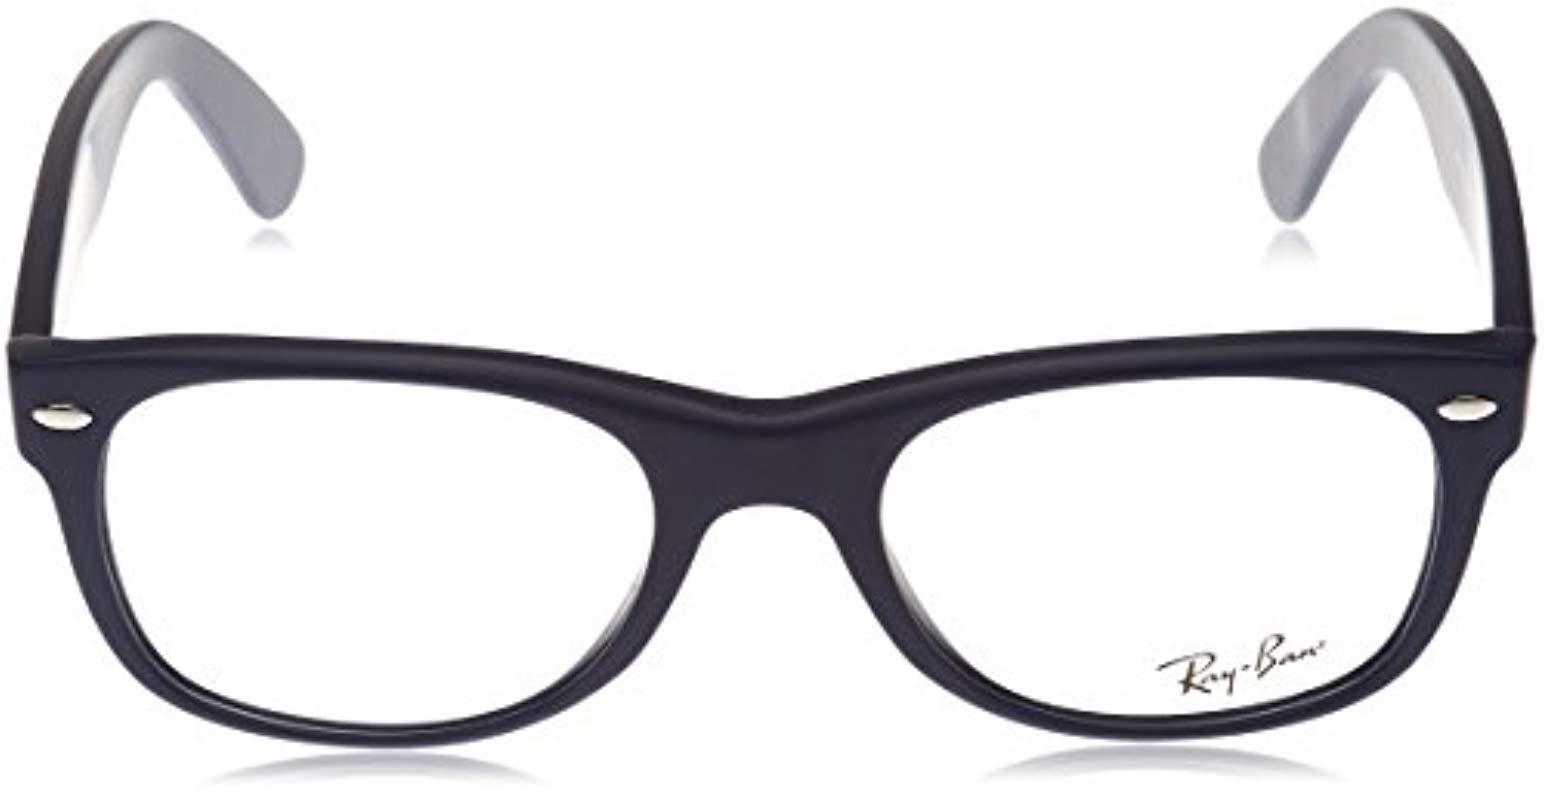 4e0e2563e21 Ray-Ban - 0rx 6360 2861 51 Optical Frames